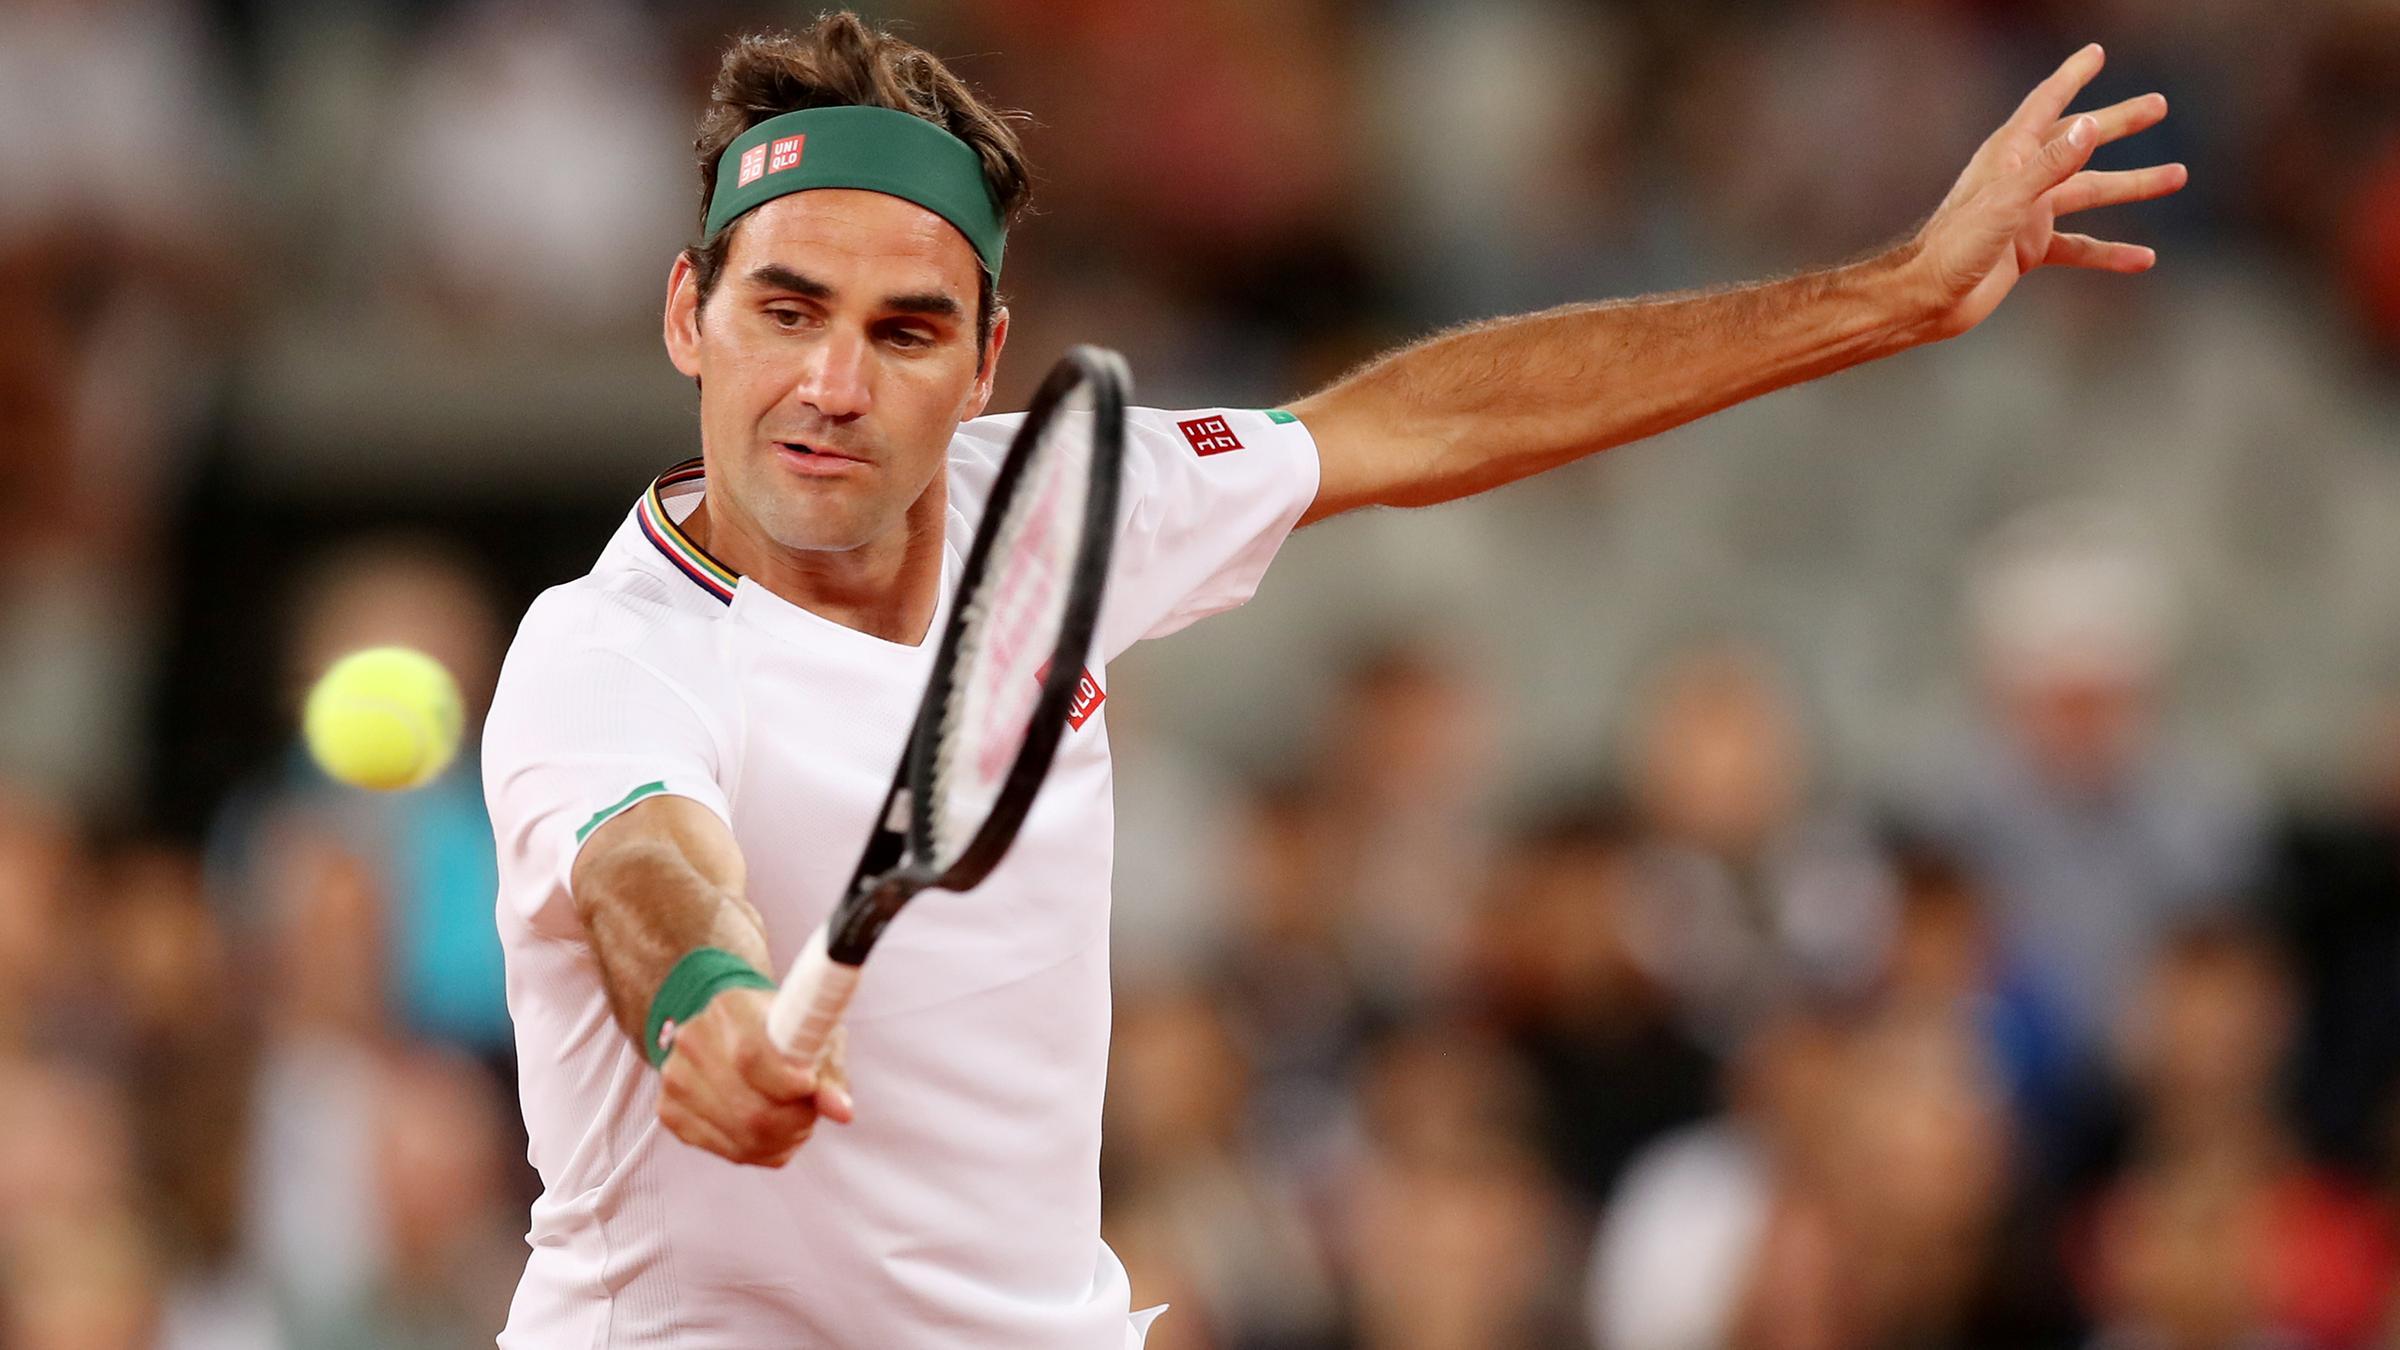 Tennis: Roger Federer beendet Saison - ZDFheute